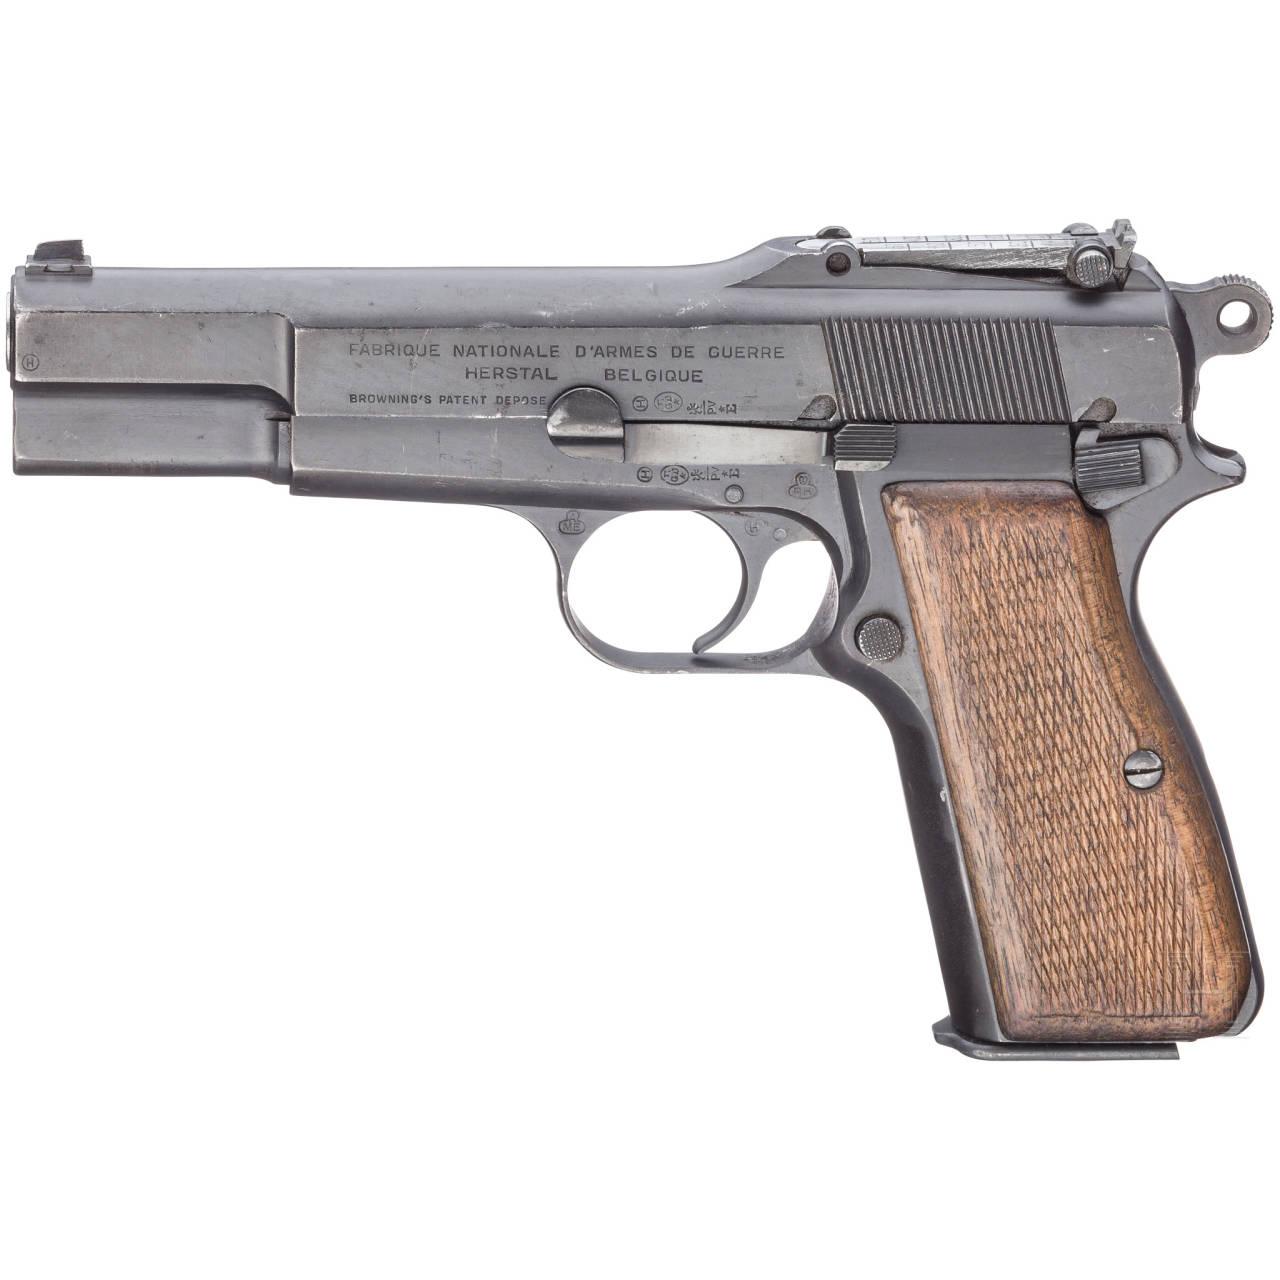 FN GP (Grande Puissance) Mod. 35, mit Anschlagbrett